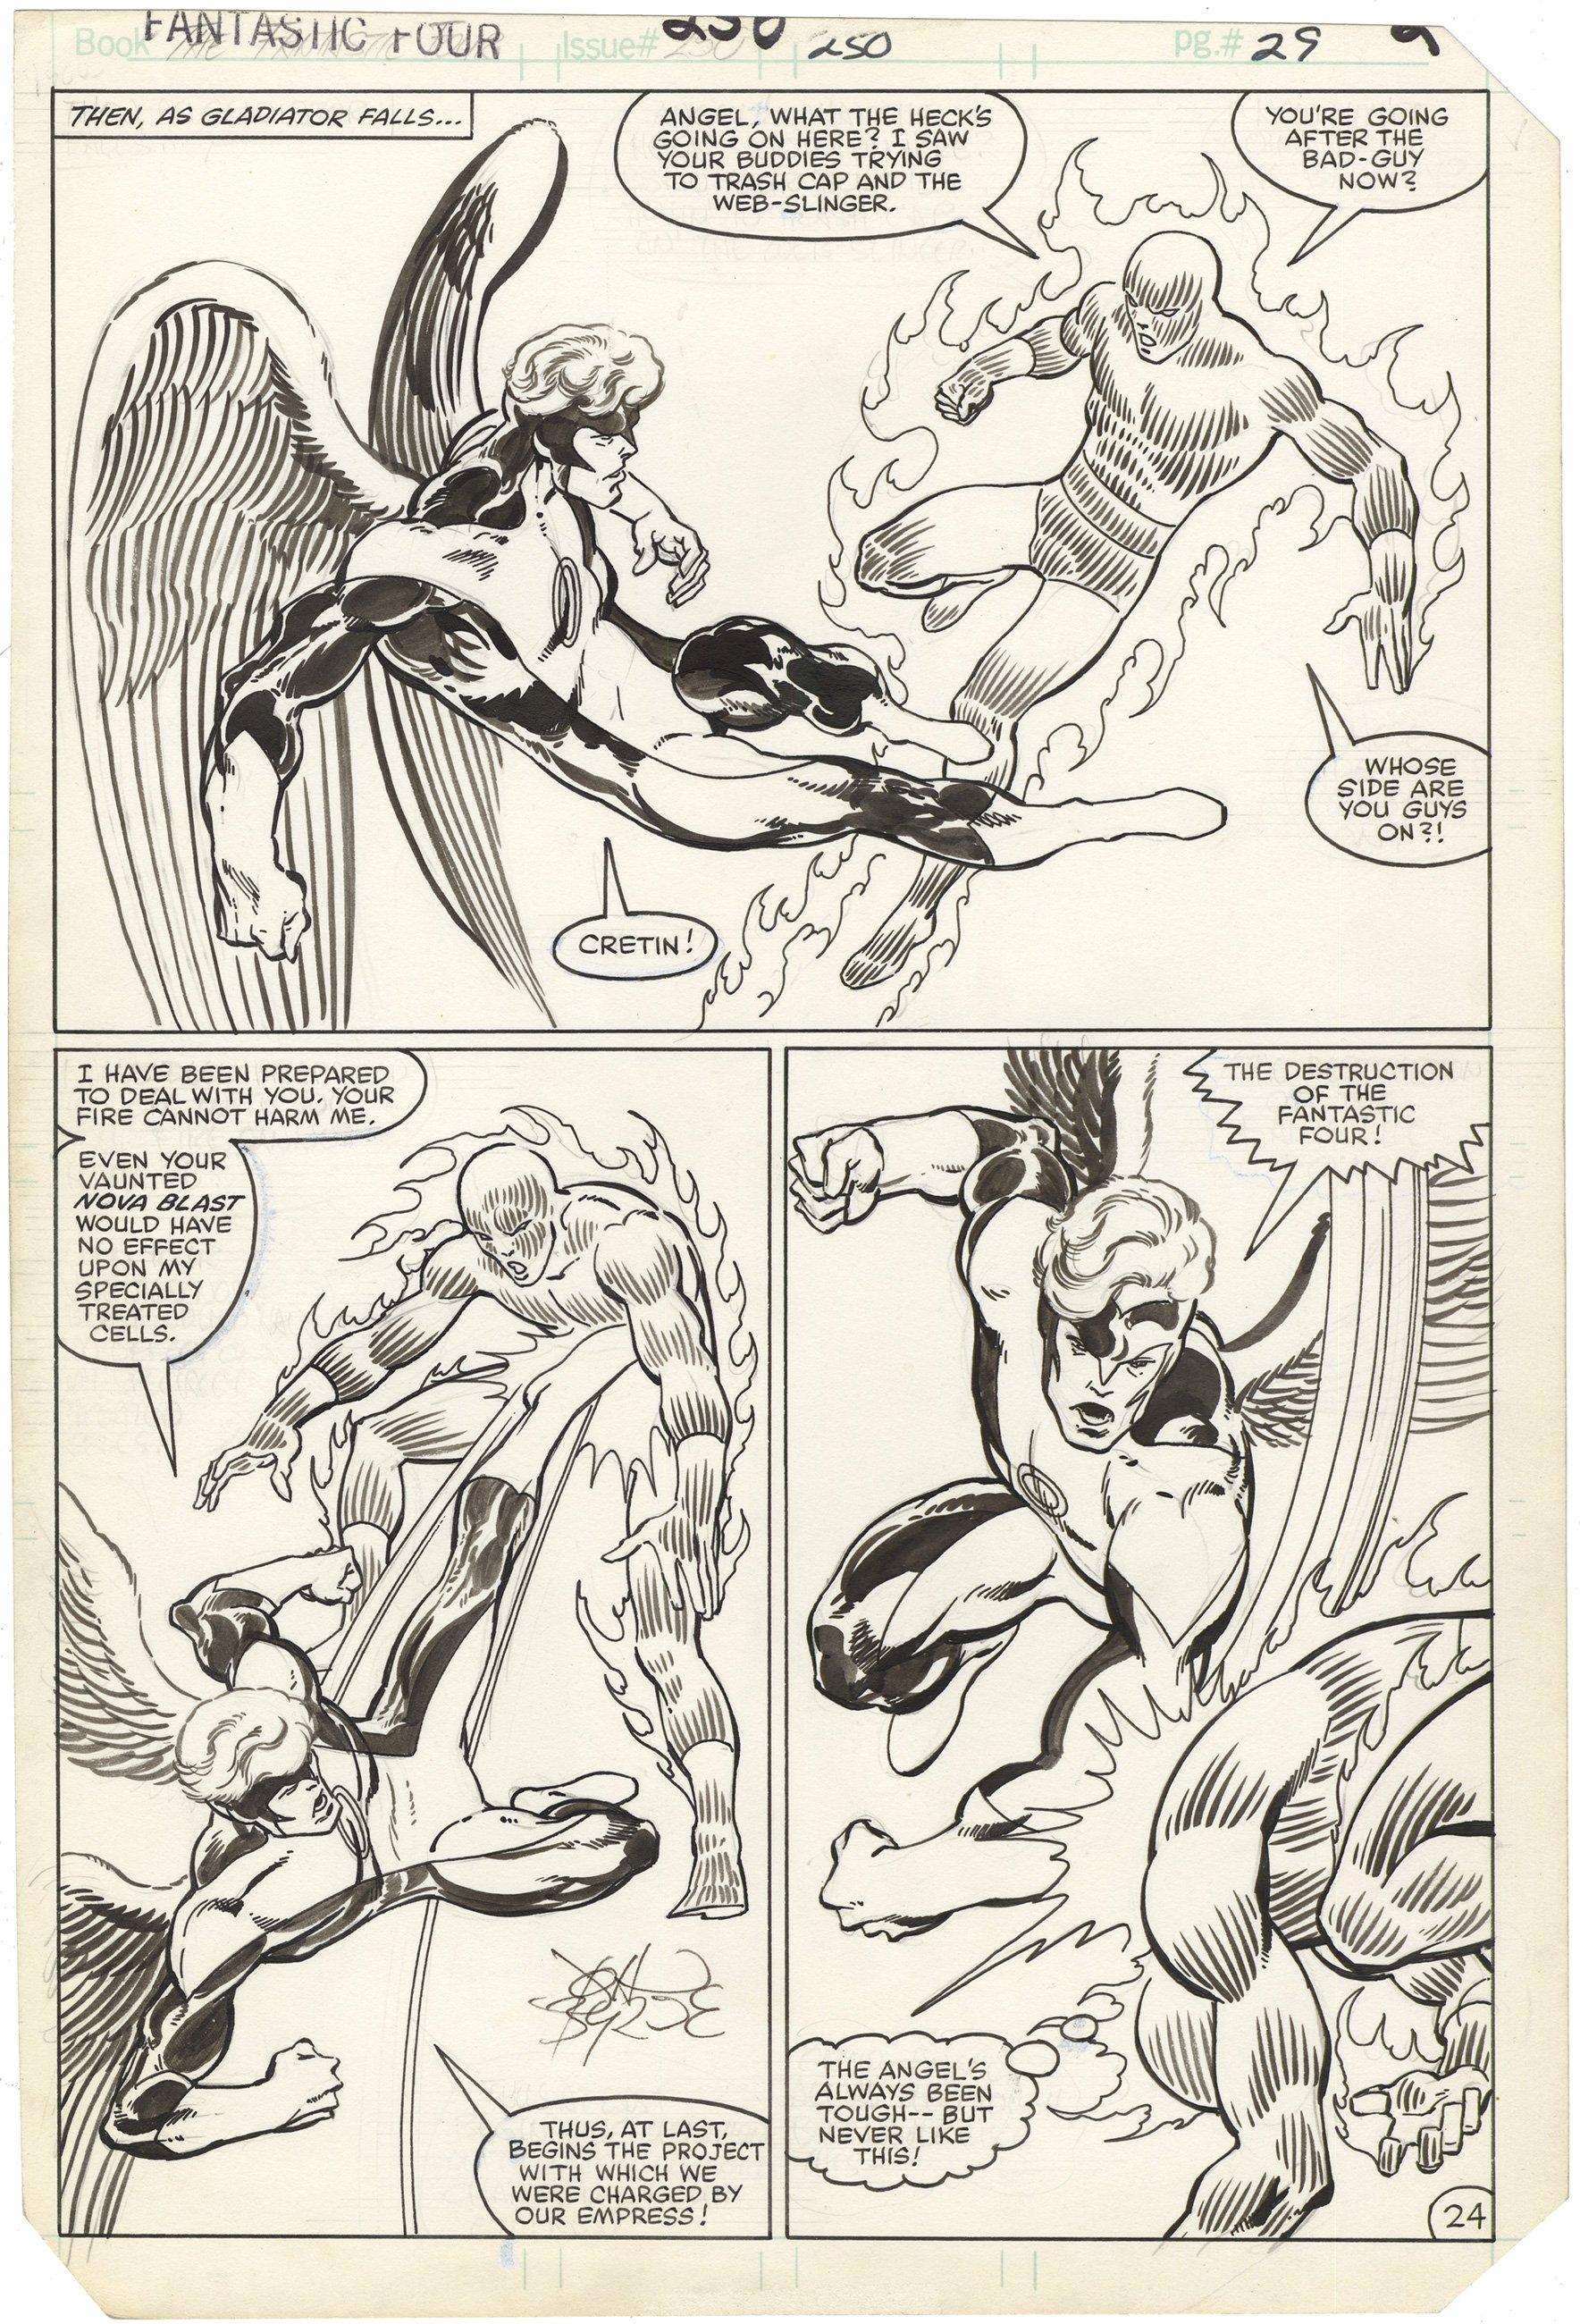 Fantastic Four #250 p24